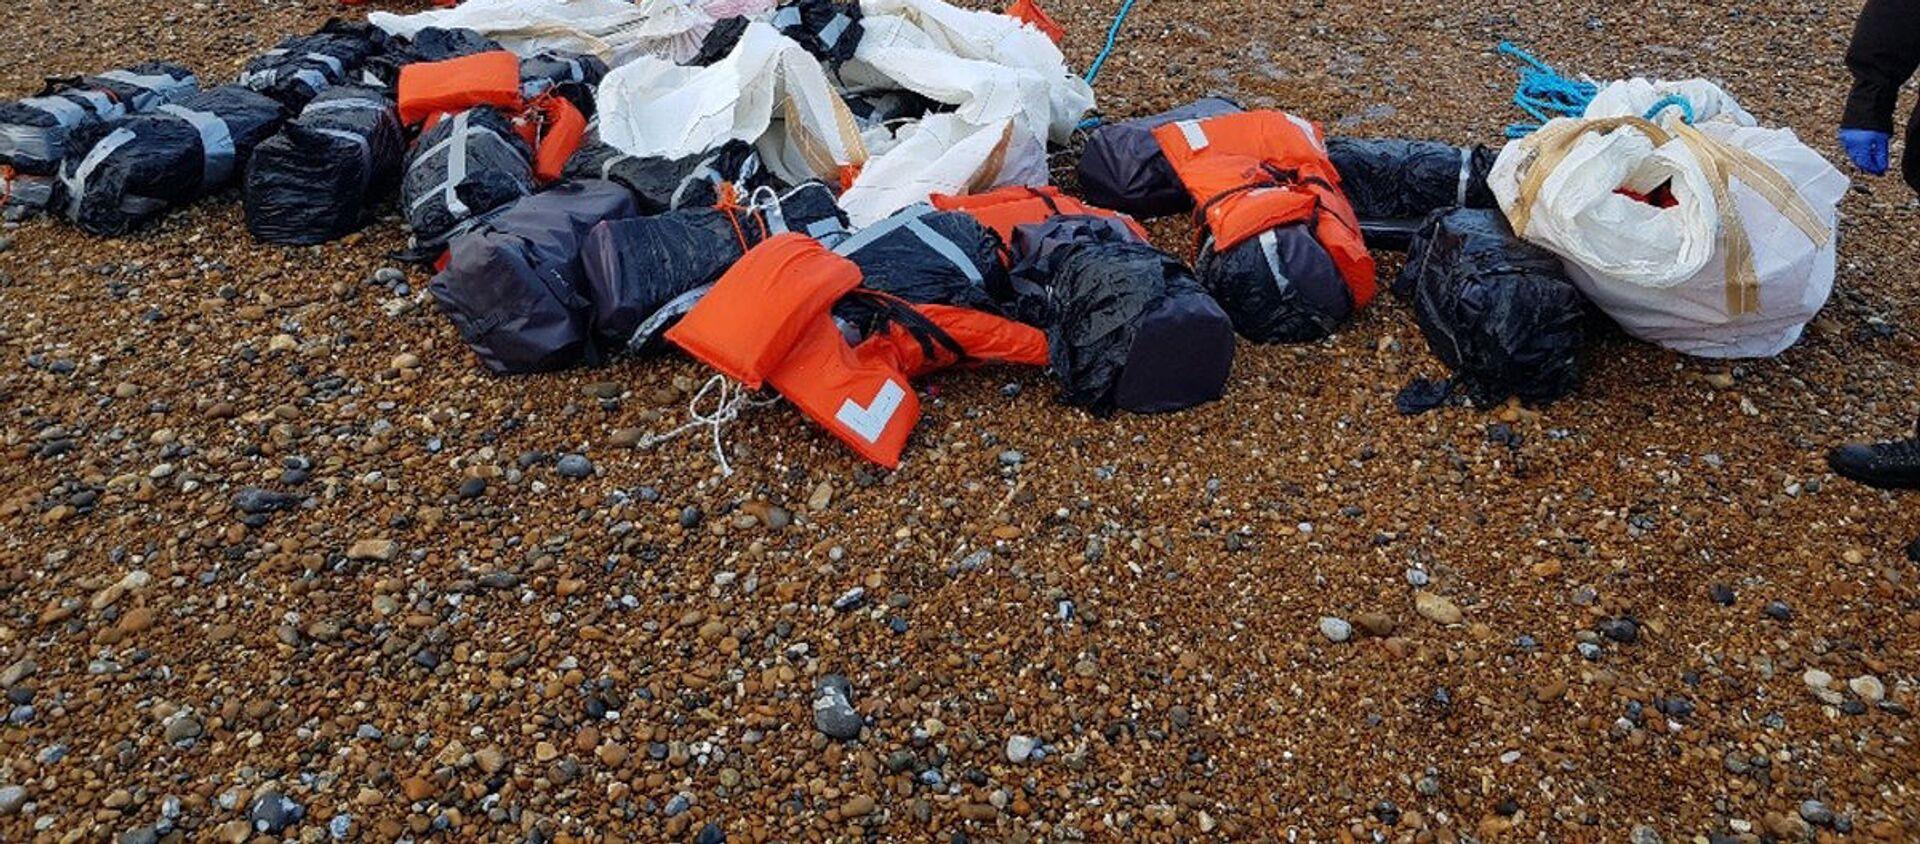 Kokaina, którą morze wyrzuciło na wybrzeżu Sussex w Anglii - Sputnik Polska, 1920, 26.05.2021